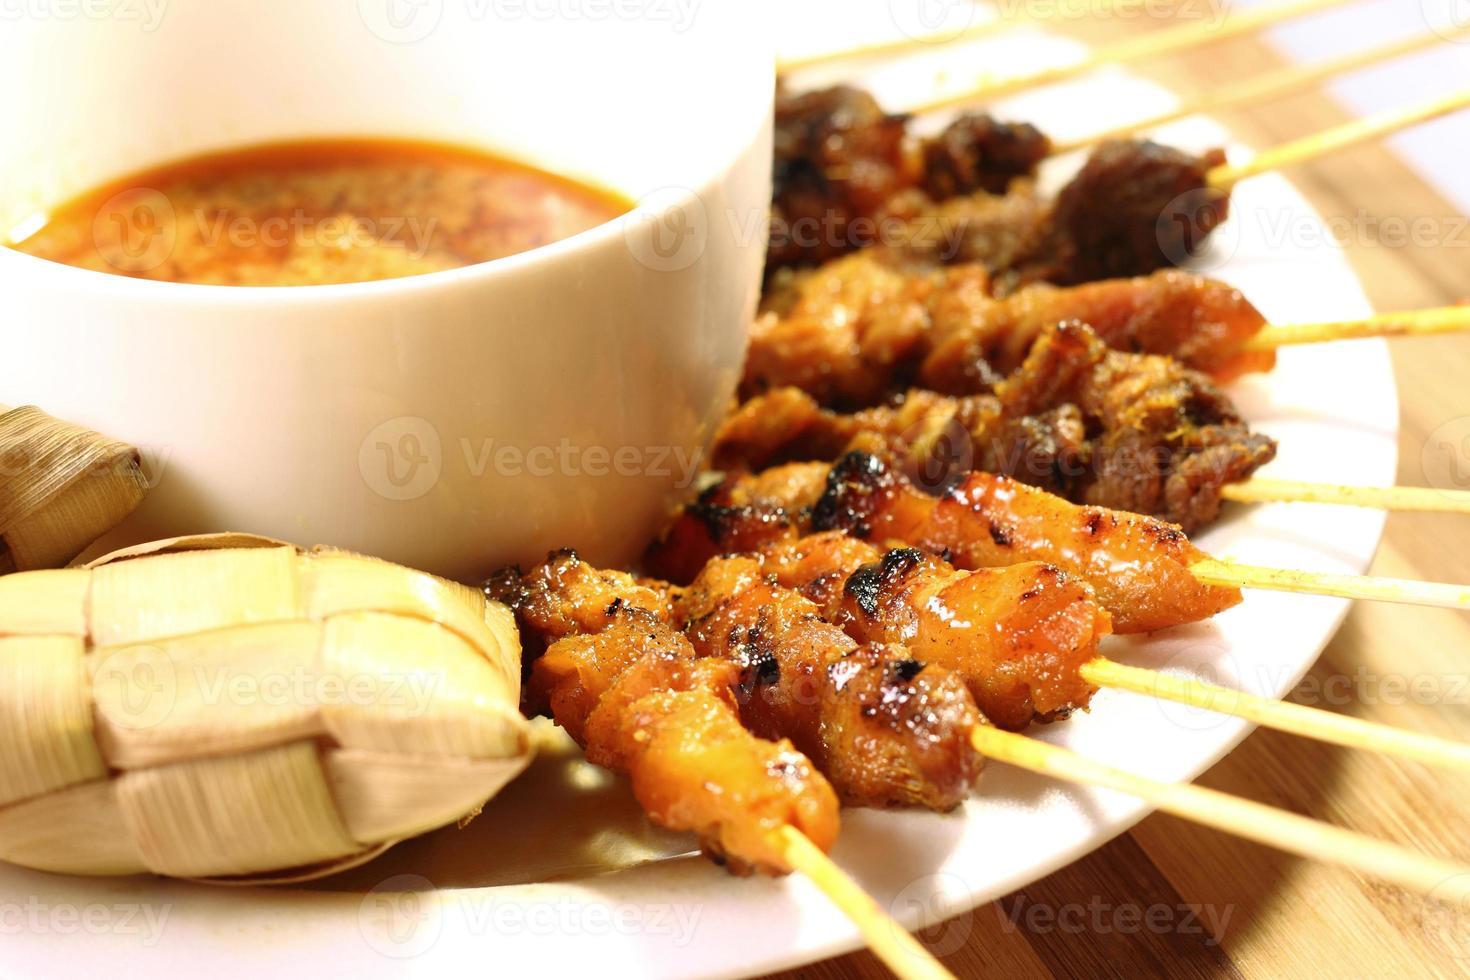 prato de comida satay em uma mesa de madeira foto